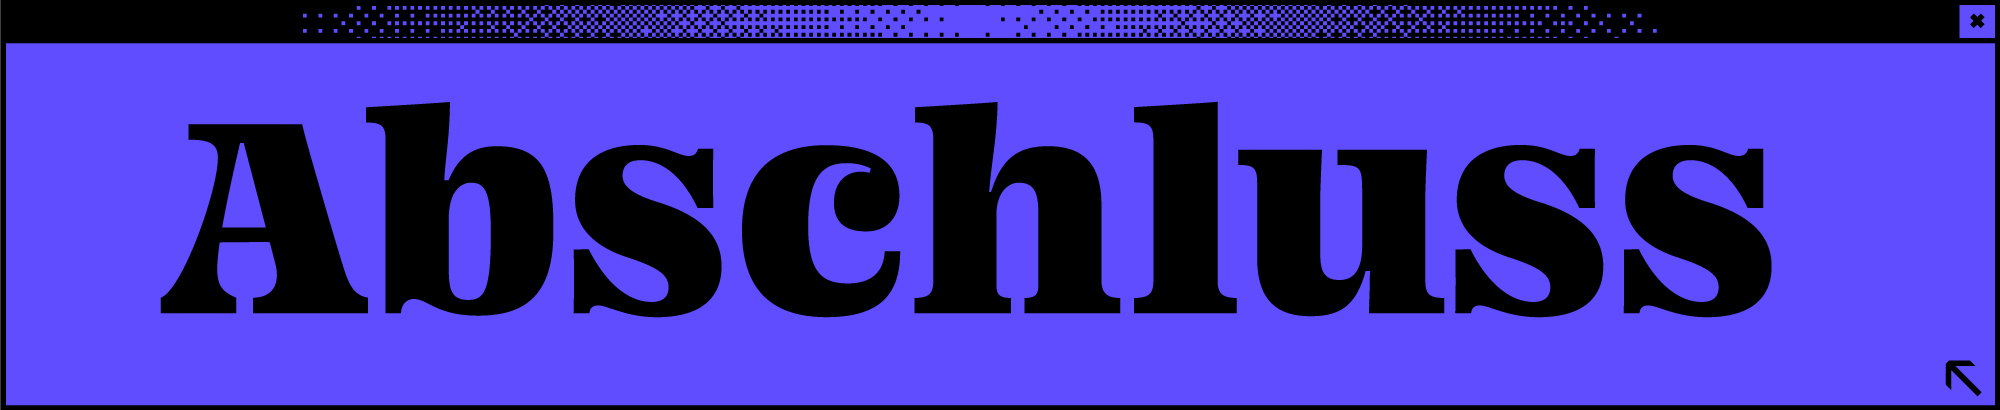 Dunkelblaues Browserfenster mit Wort Abschluss in der Mitte